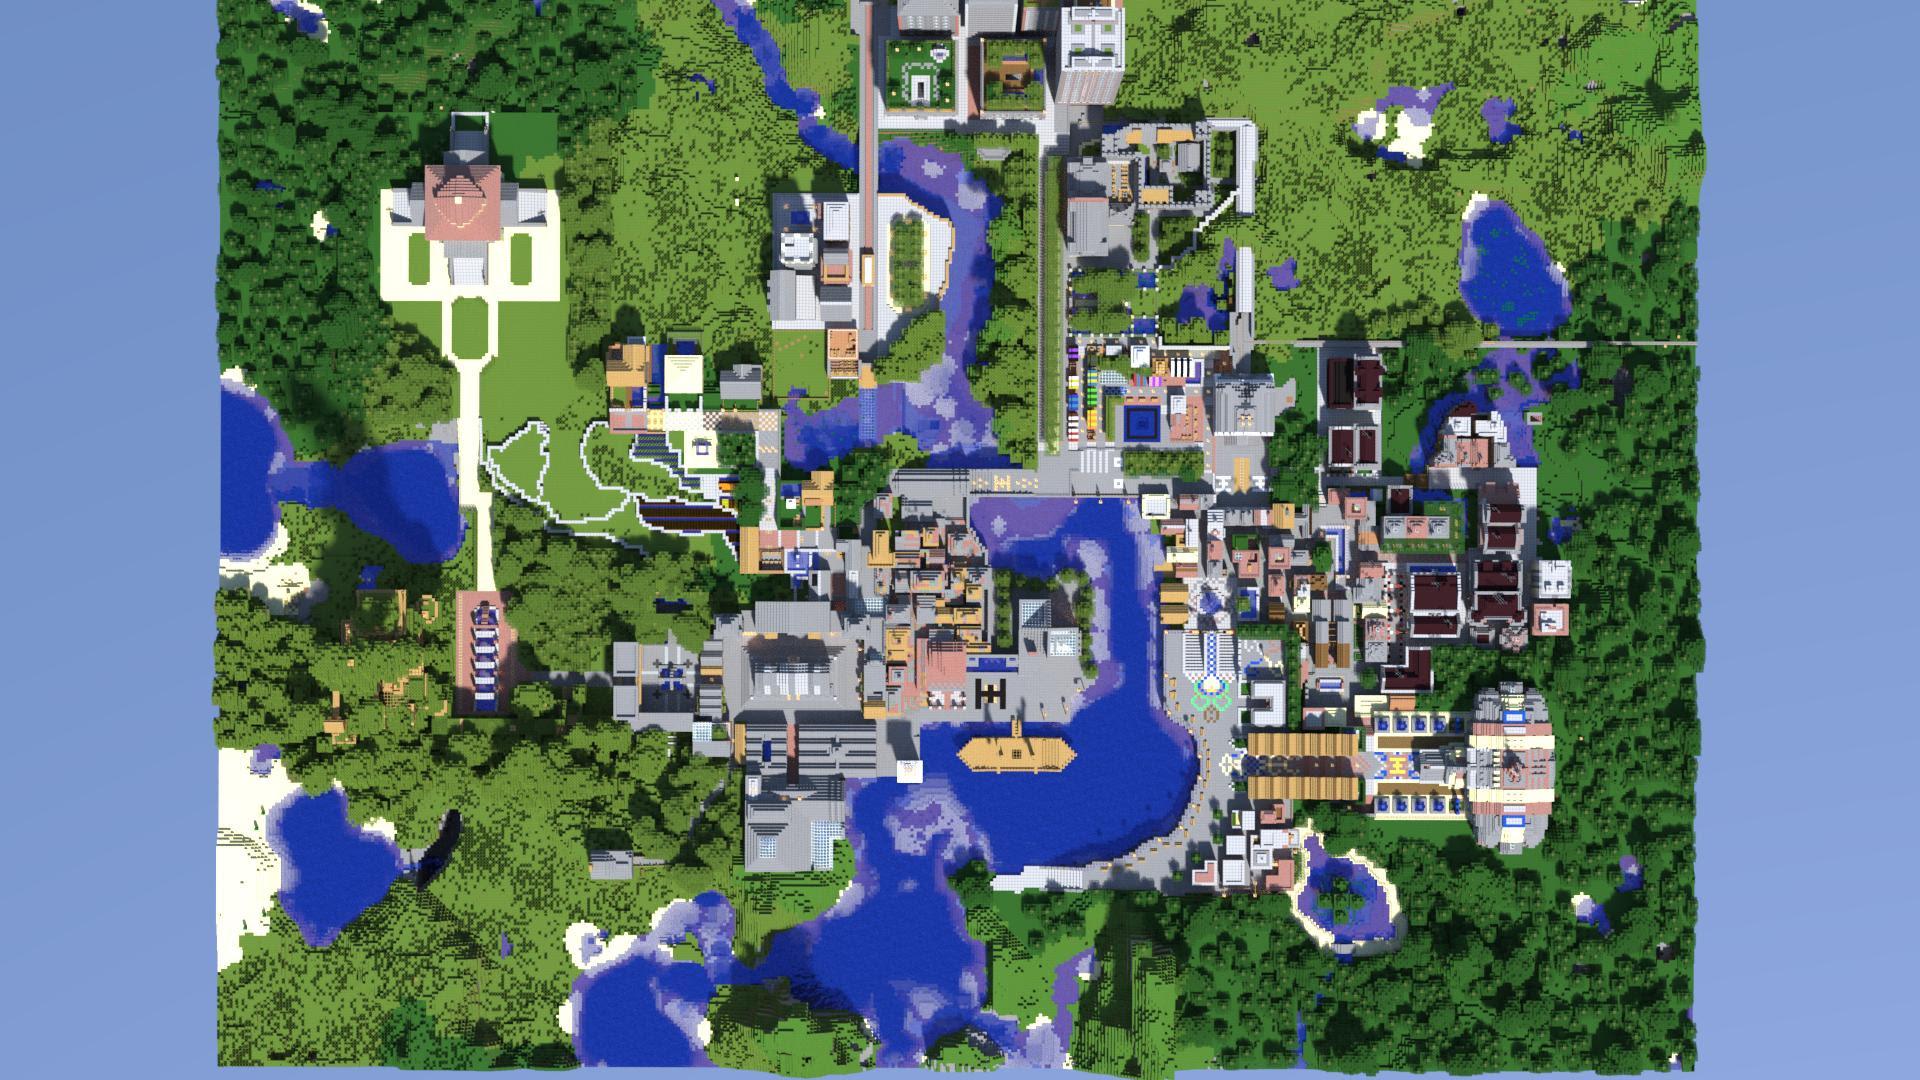 Minecraft Zoo Map Download 11.11 - Gambleh p